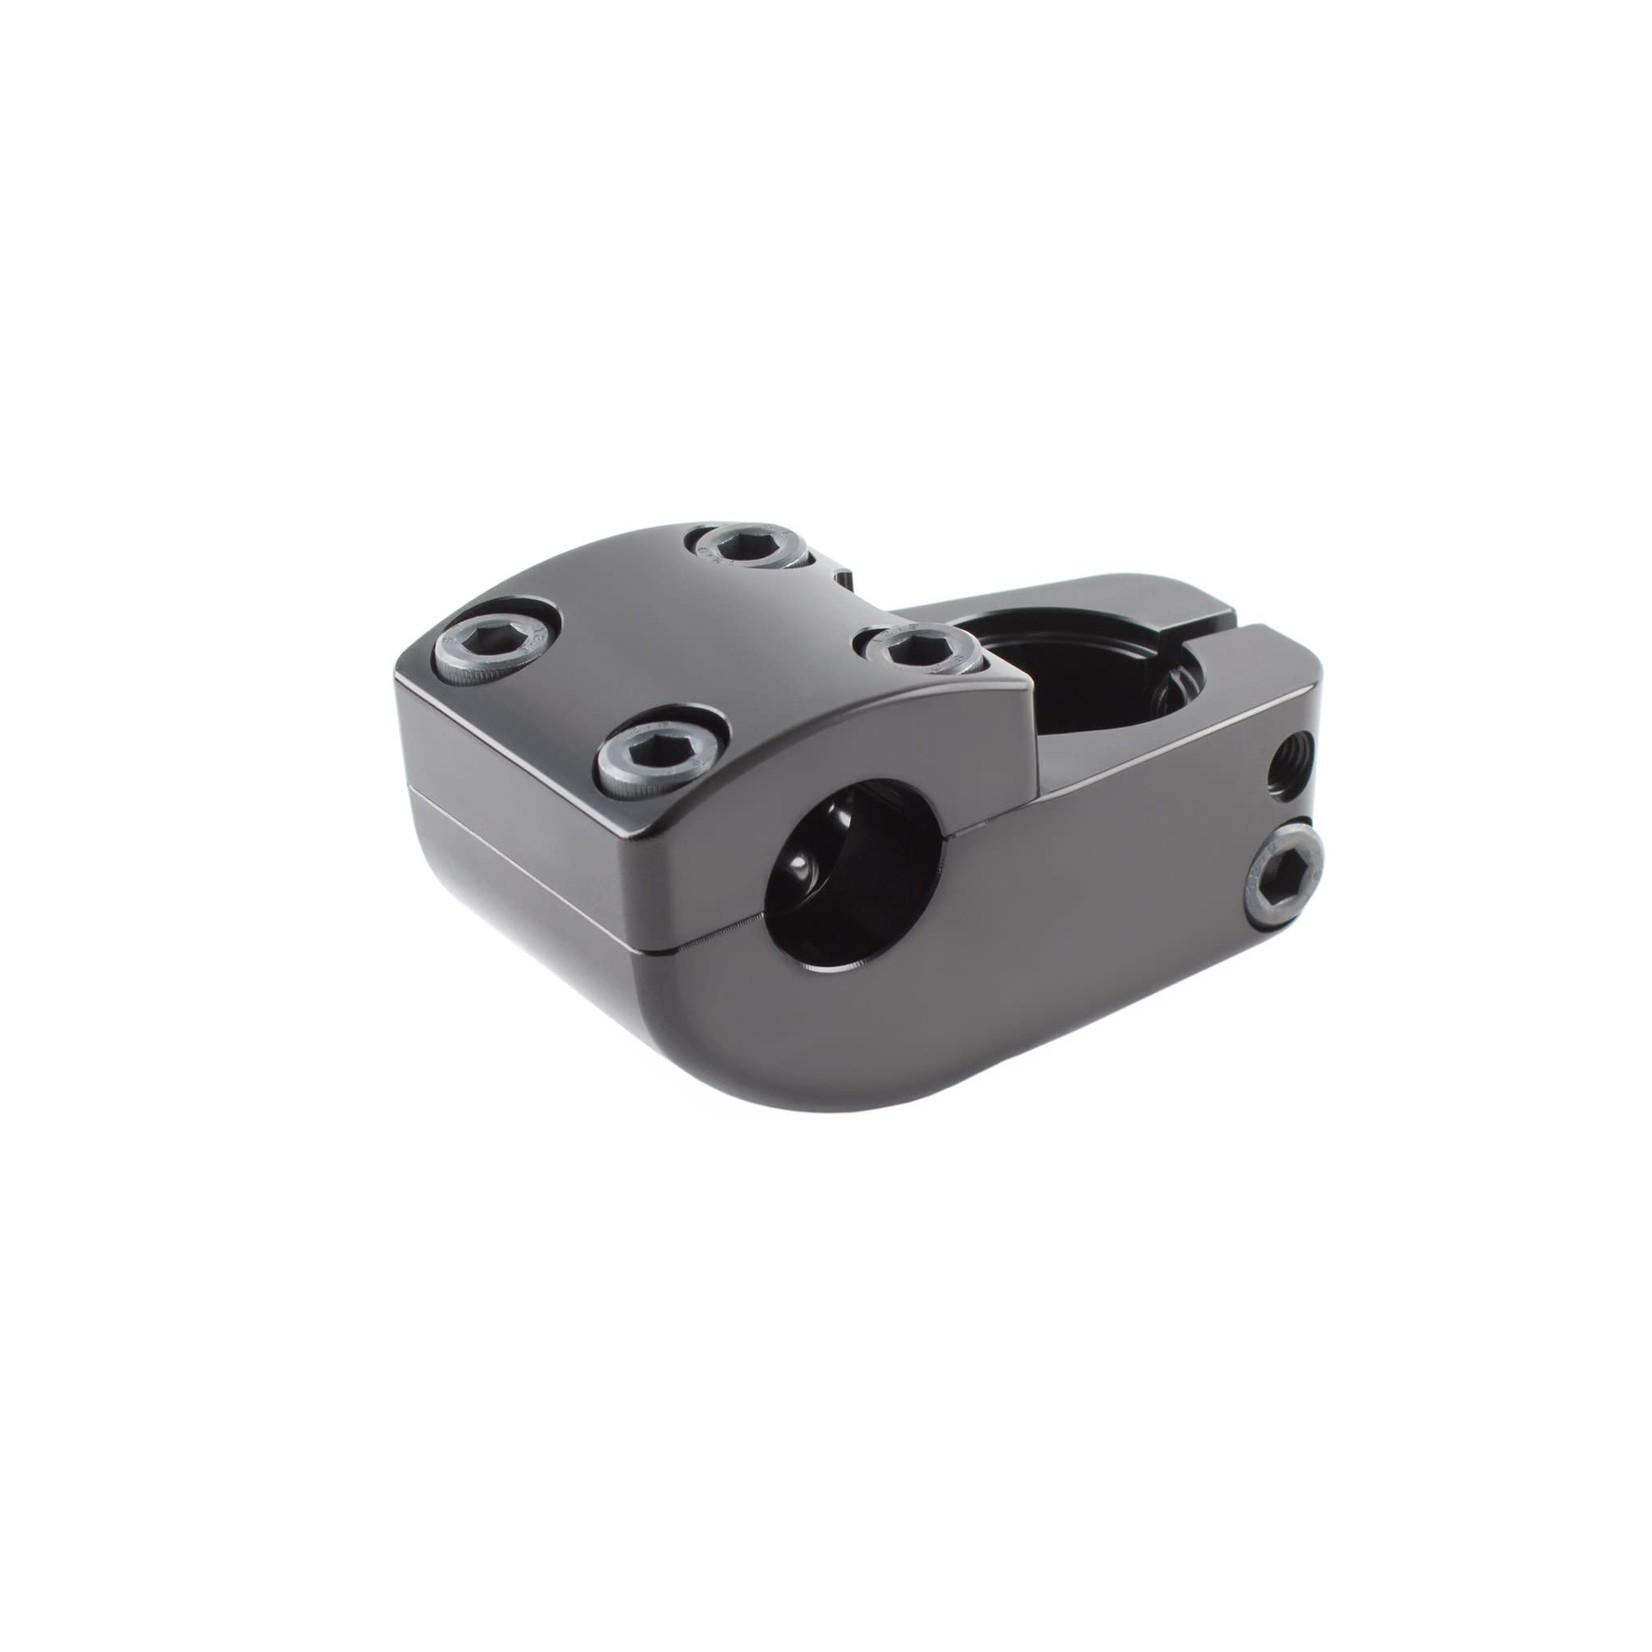 ODYSSEY NORD Stem 1-1/8 45mm Black